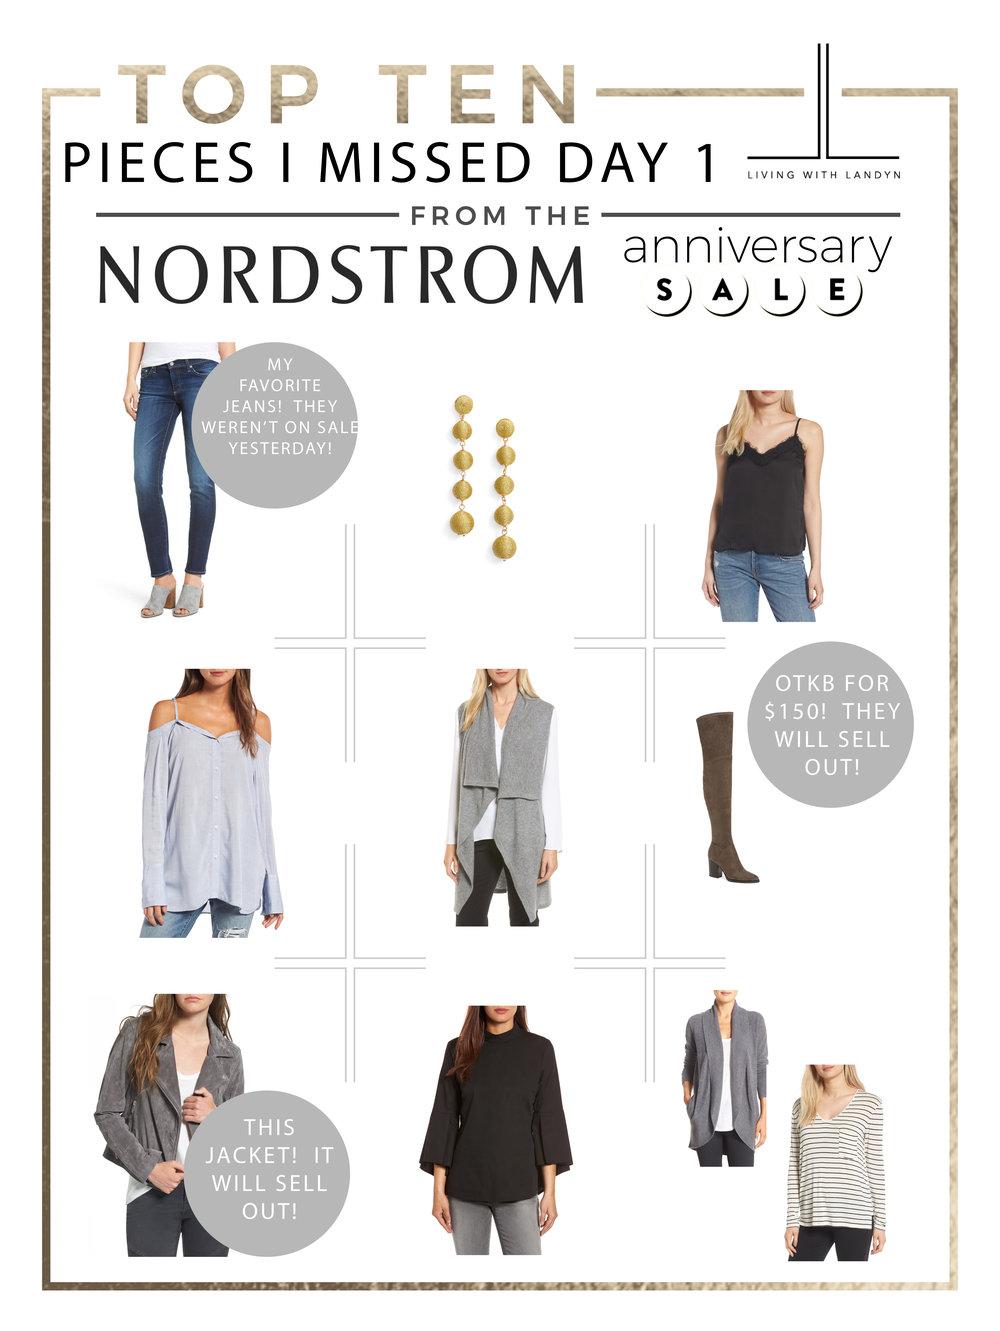 LWL Nordstrom Anniversary  Top 10 missed edited-2_edited-2.jpg